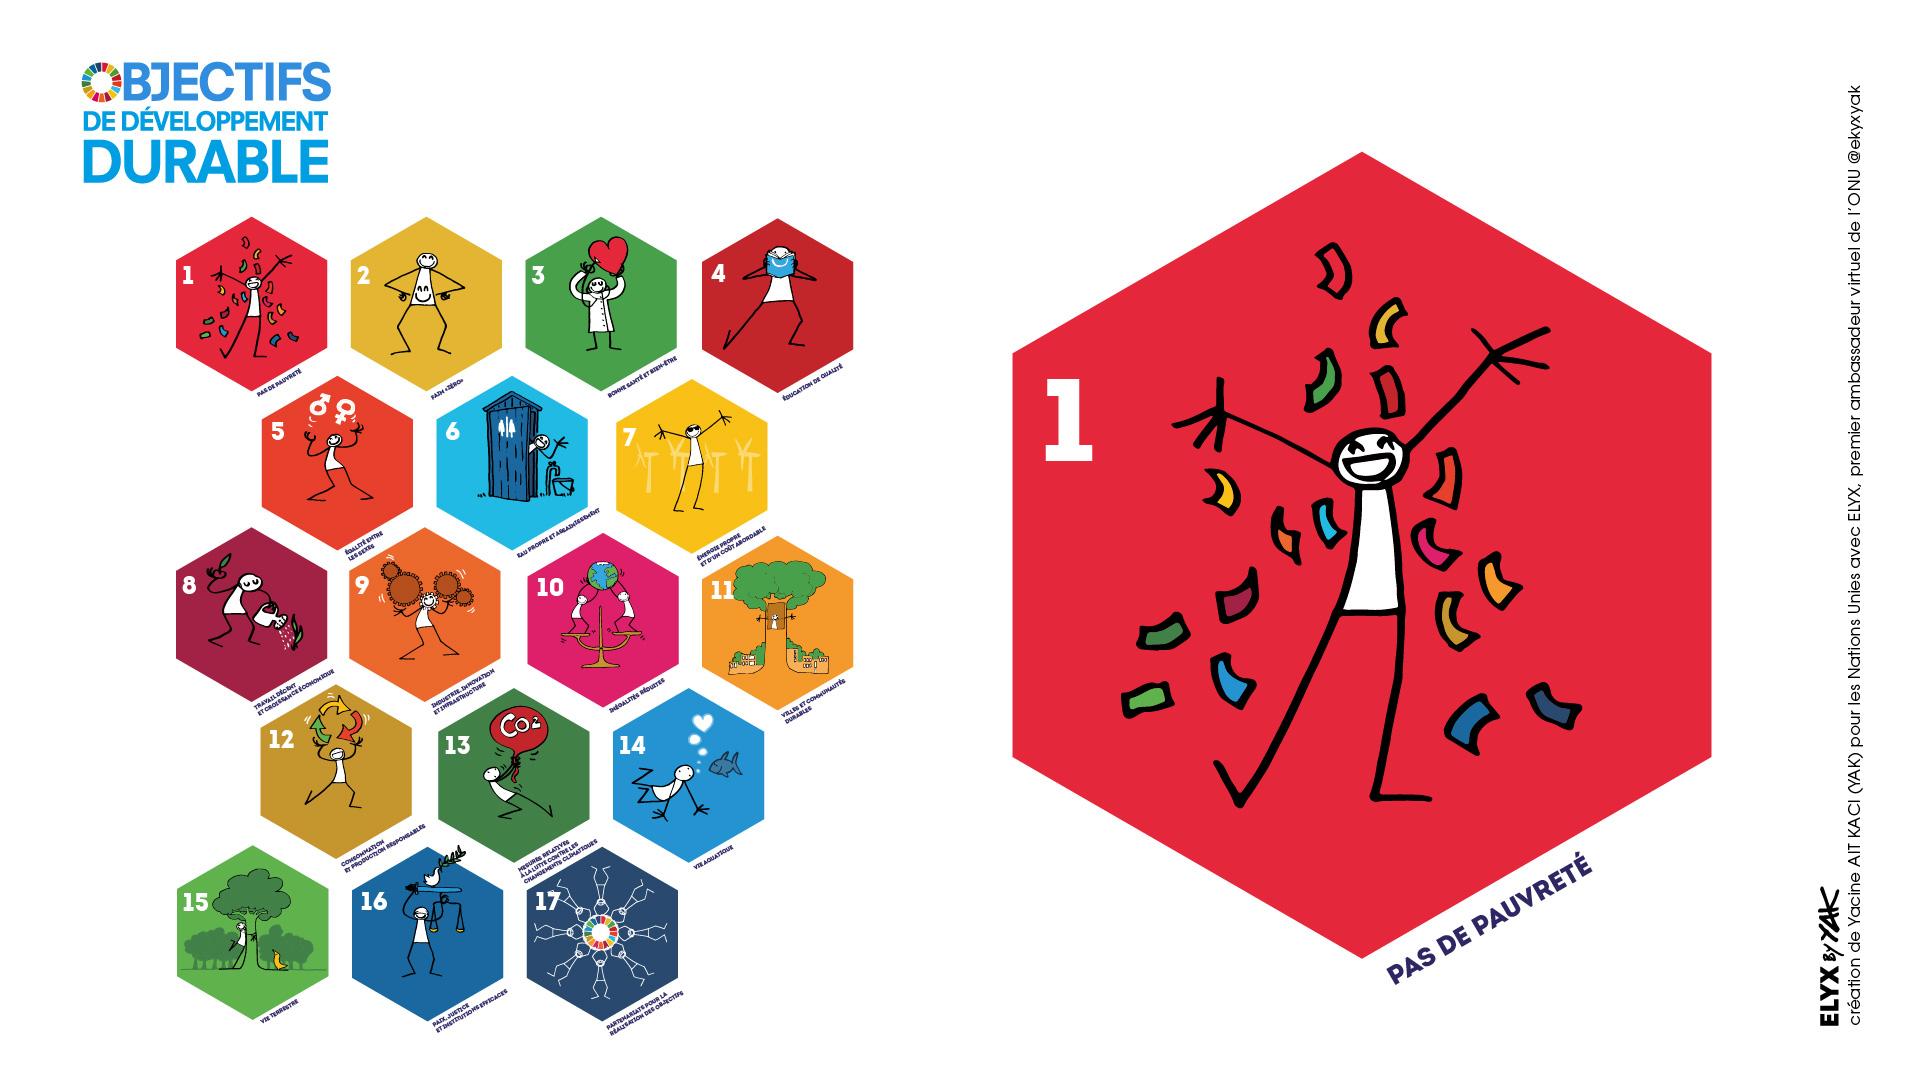 Cette image est offerte par la Fondation ELYX, sous l'égide de la Fondation FACE. www.elyx.net